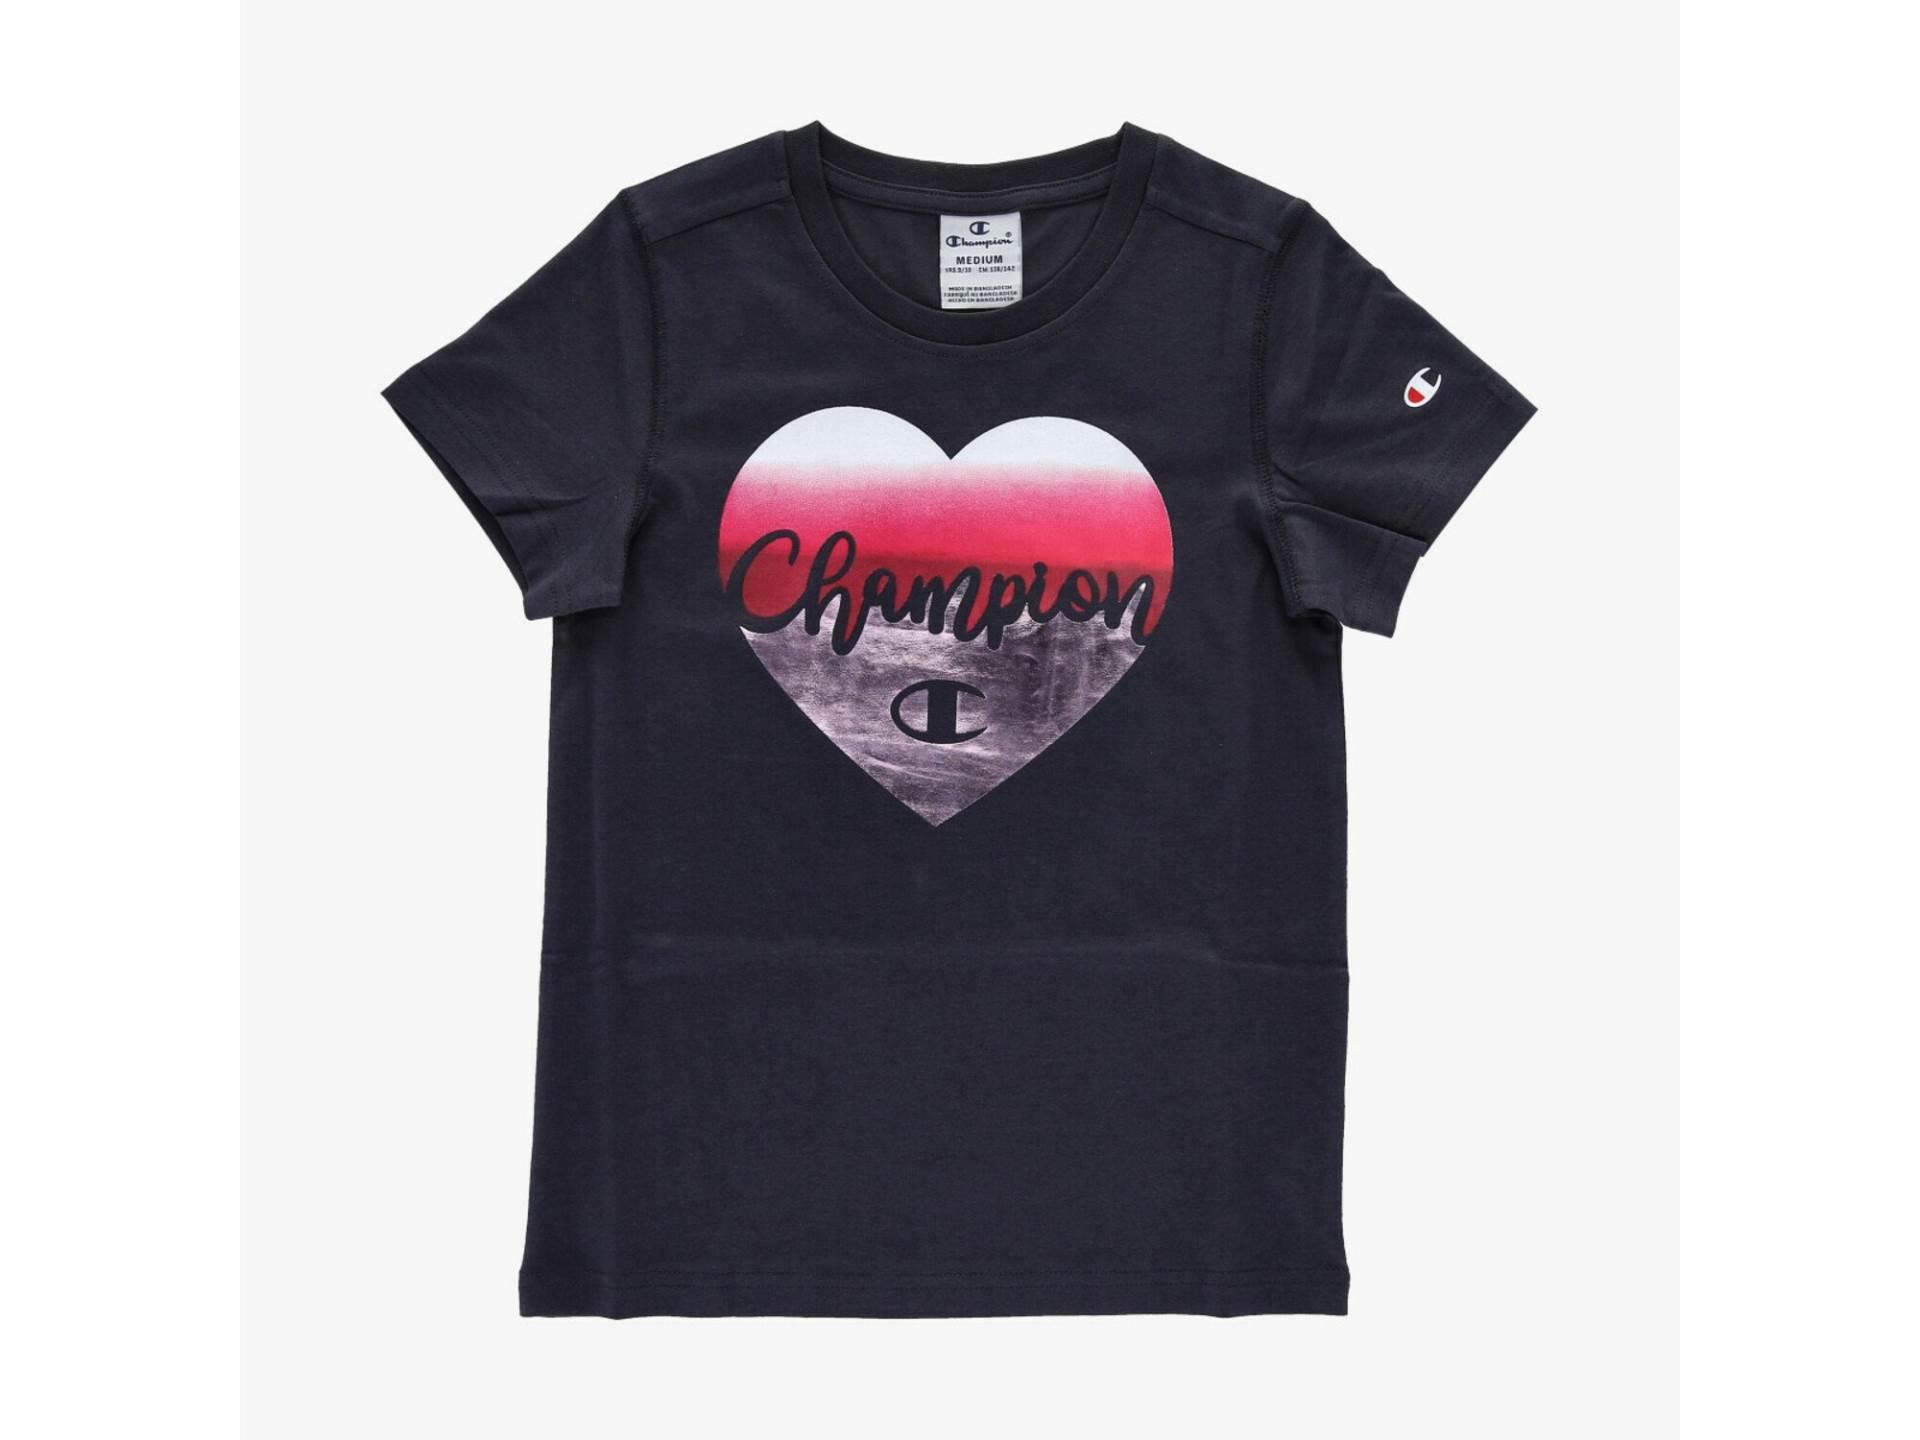 CHAMPION Majica za djevojčice # 89 kn